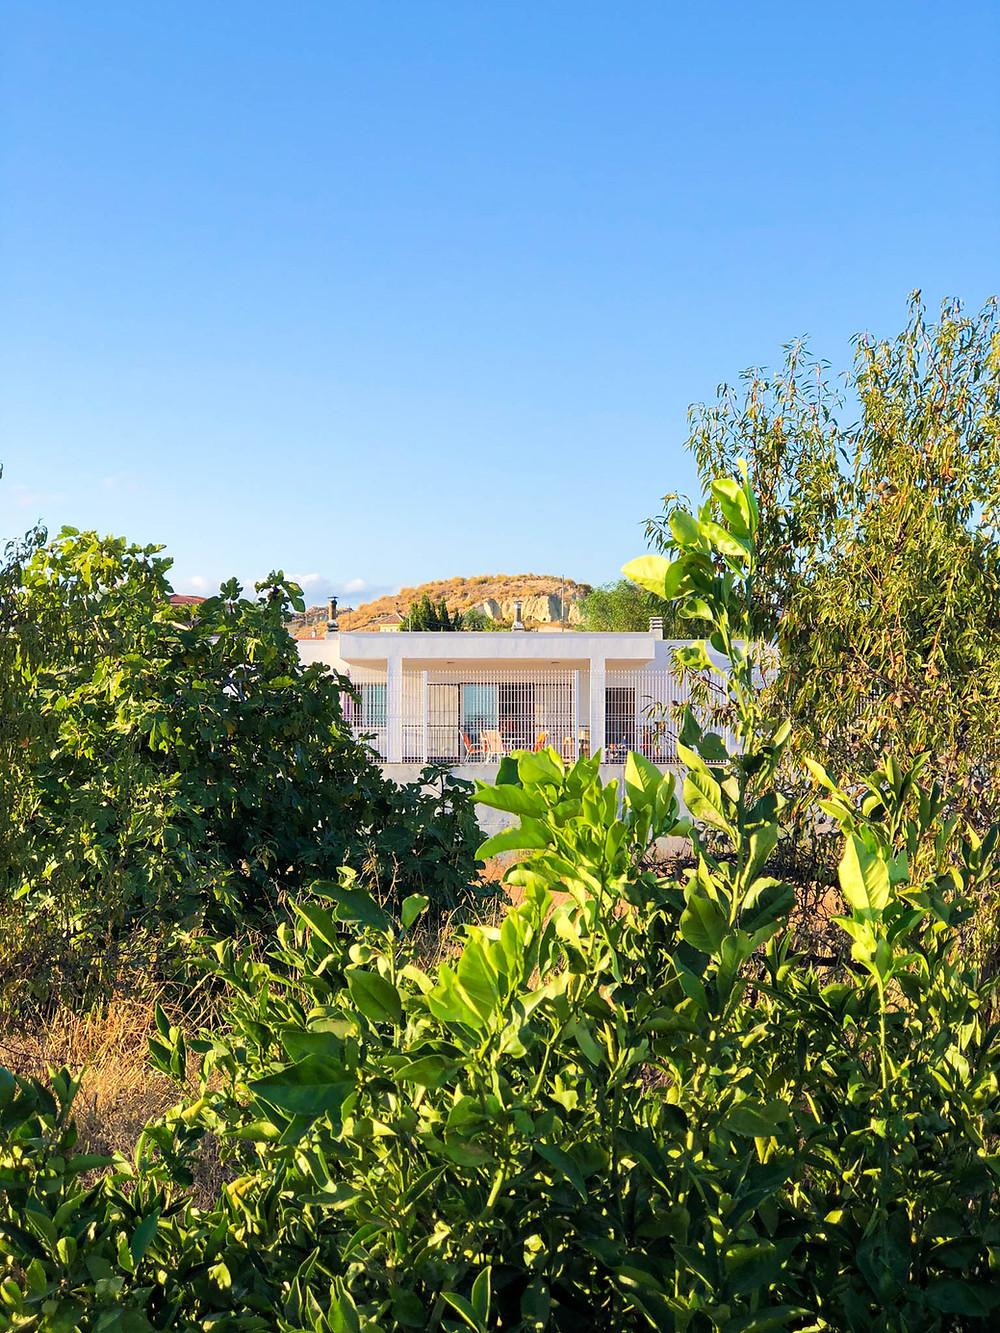 Fotografía de la Casa Entre Olivos de Mahoya en Abanilla, Murcia. Imagen exterior de vivienda arquitectura sostenible